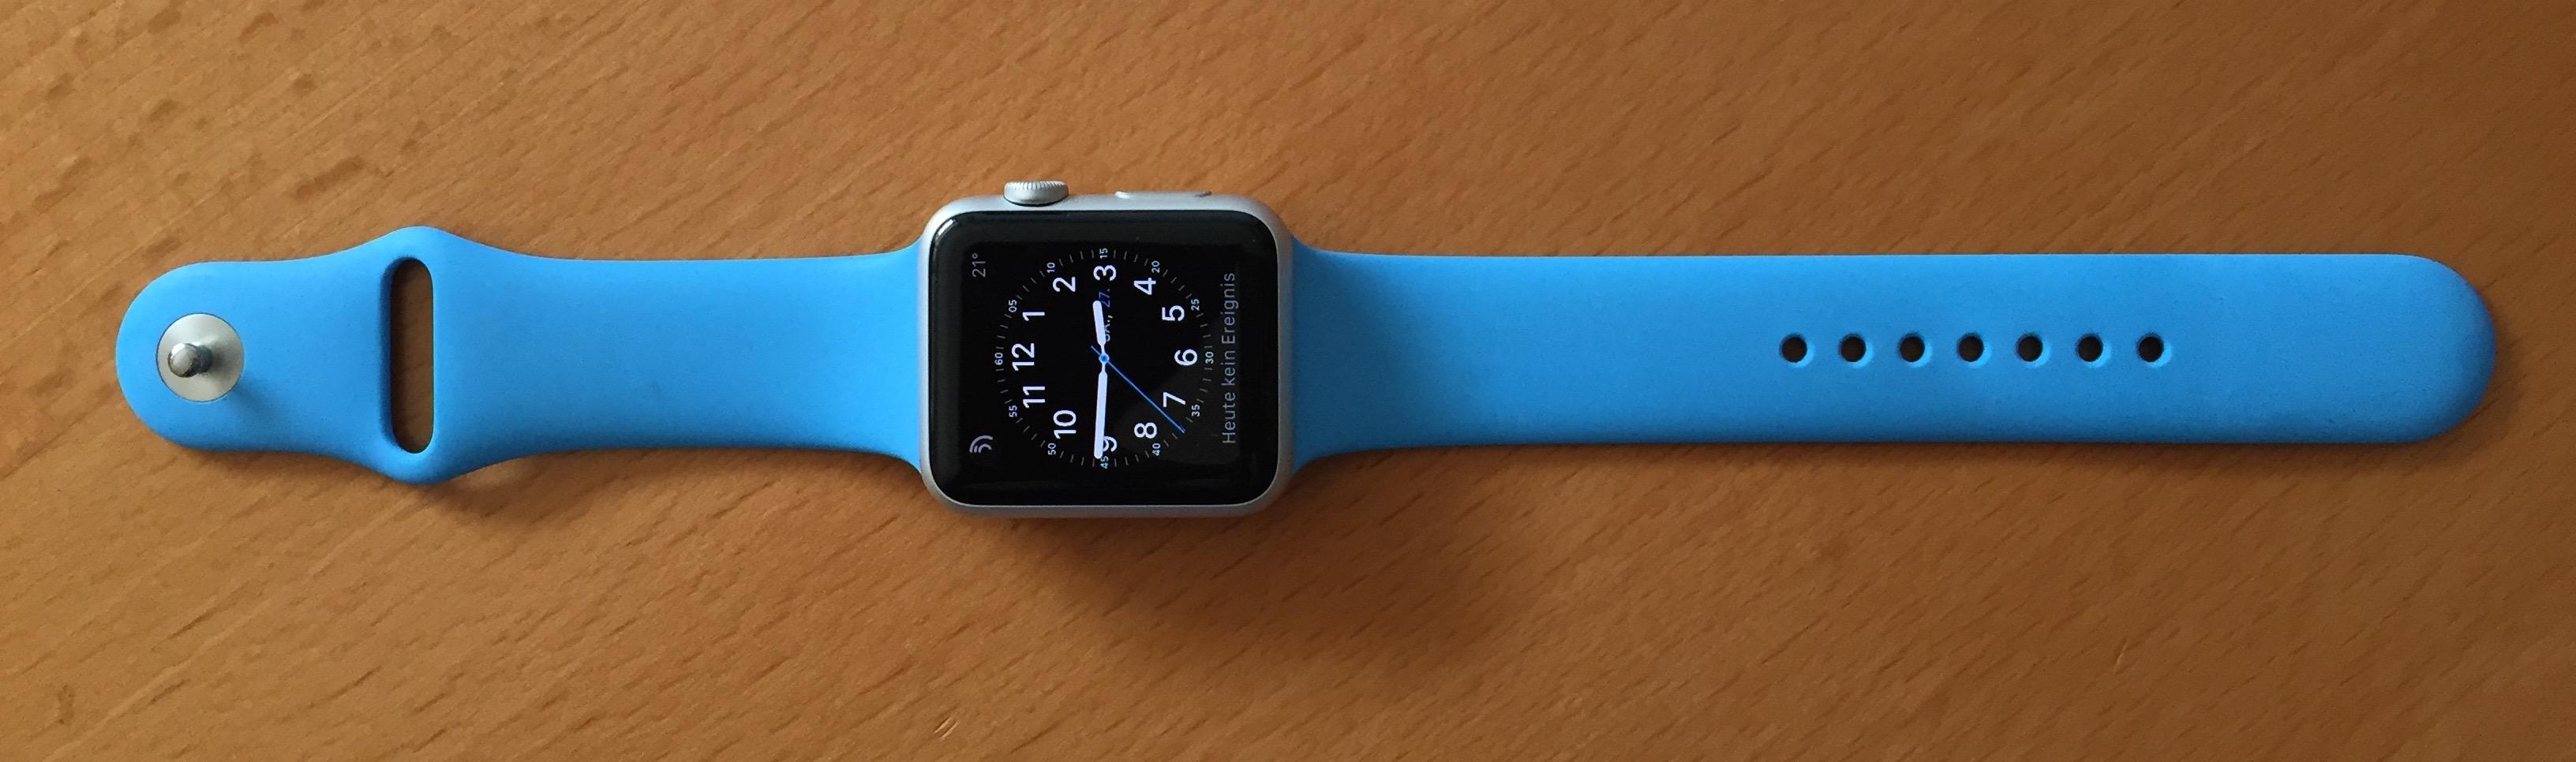 2 Monate Apple Watch – was taugt sie?